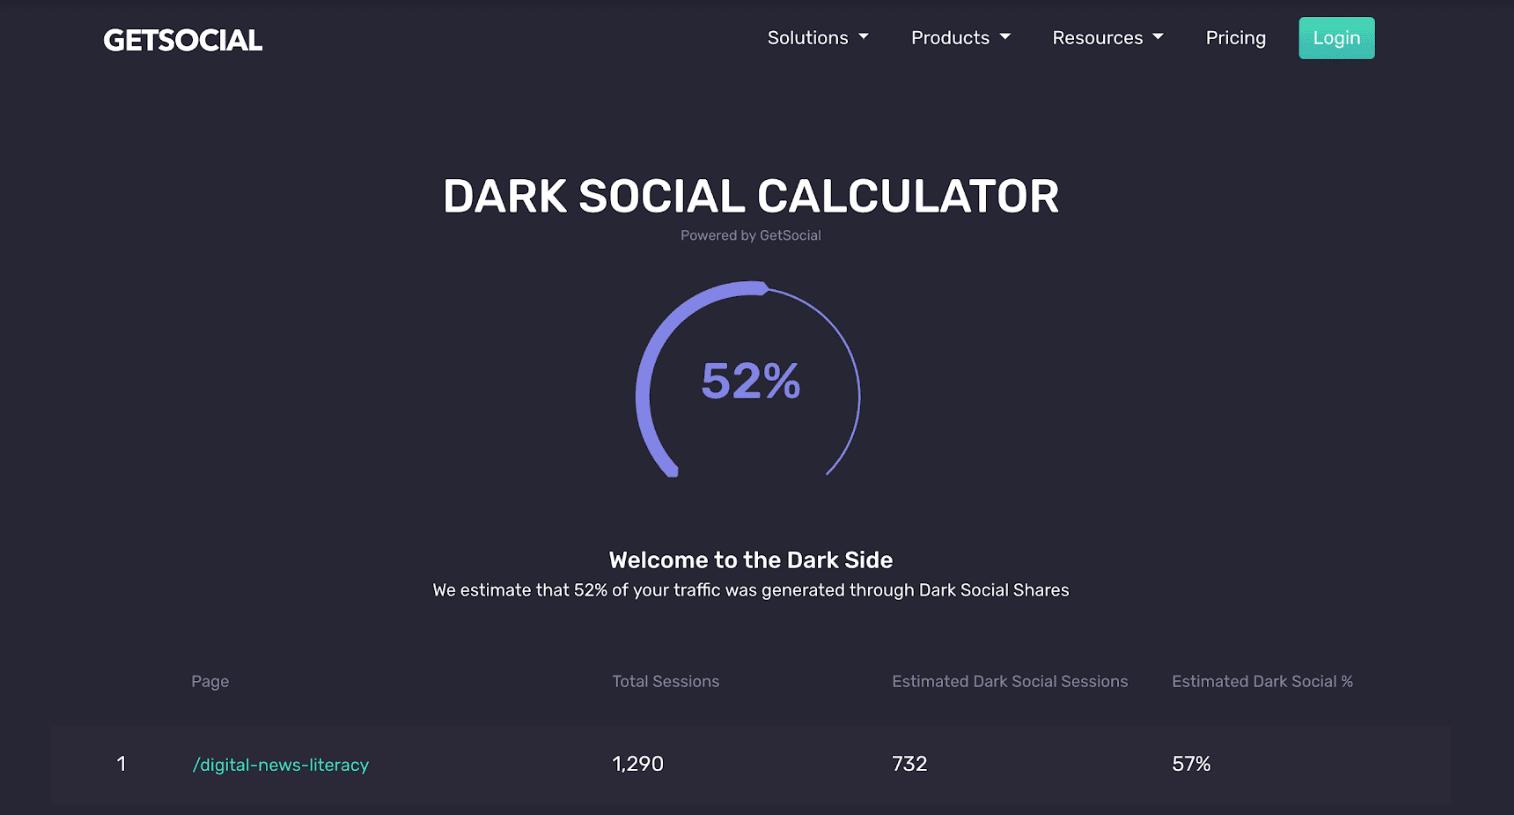 Dark social calculator results